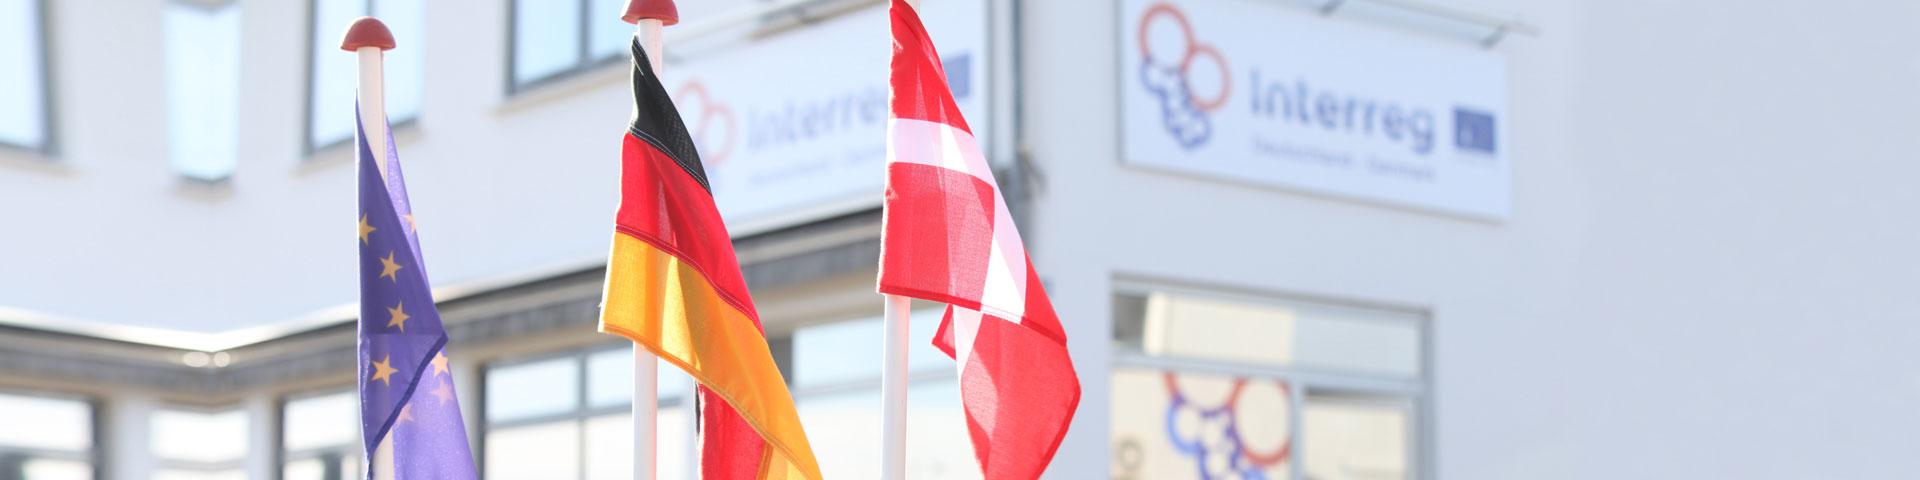 Flag fra euro, tyskland og danmark foran Interreg-bygningen